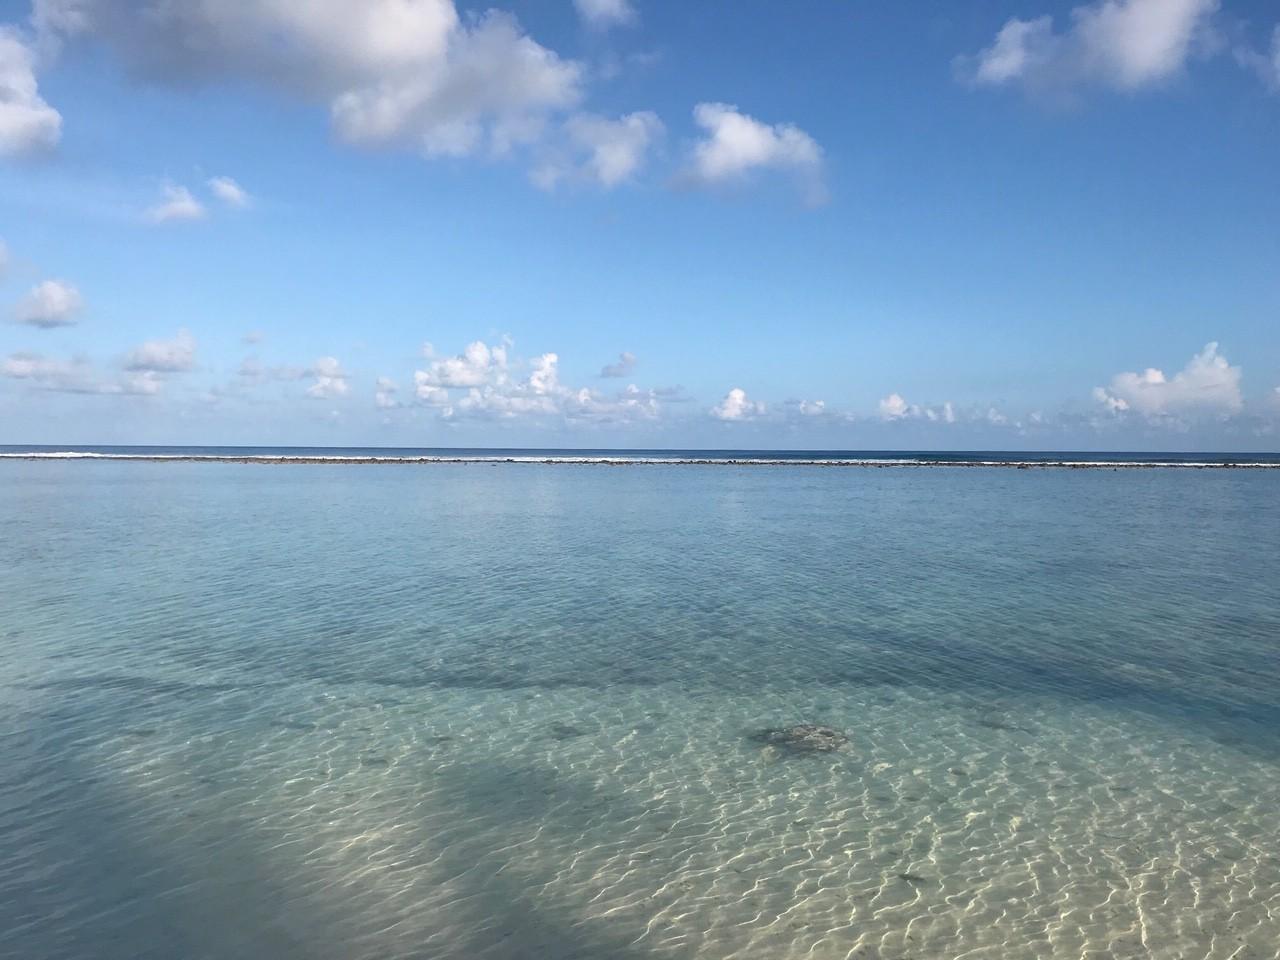 пляж на острове Хулхумале на Мальдивах